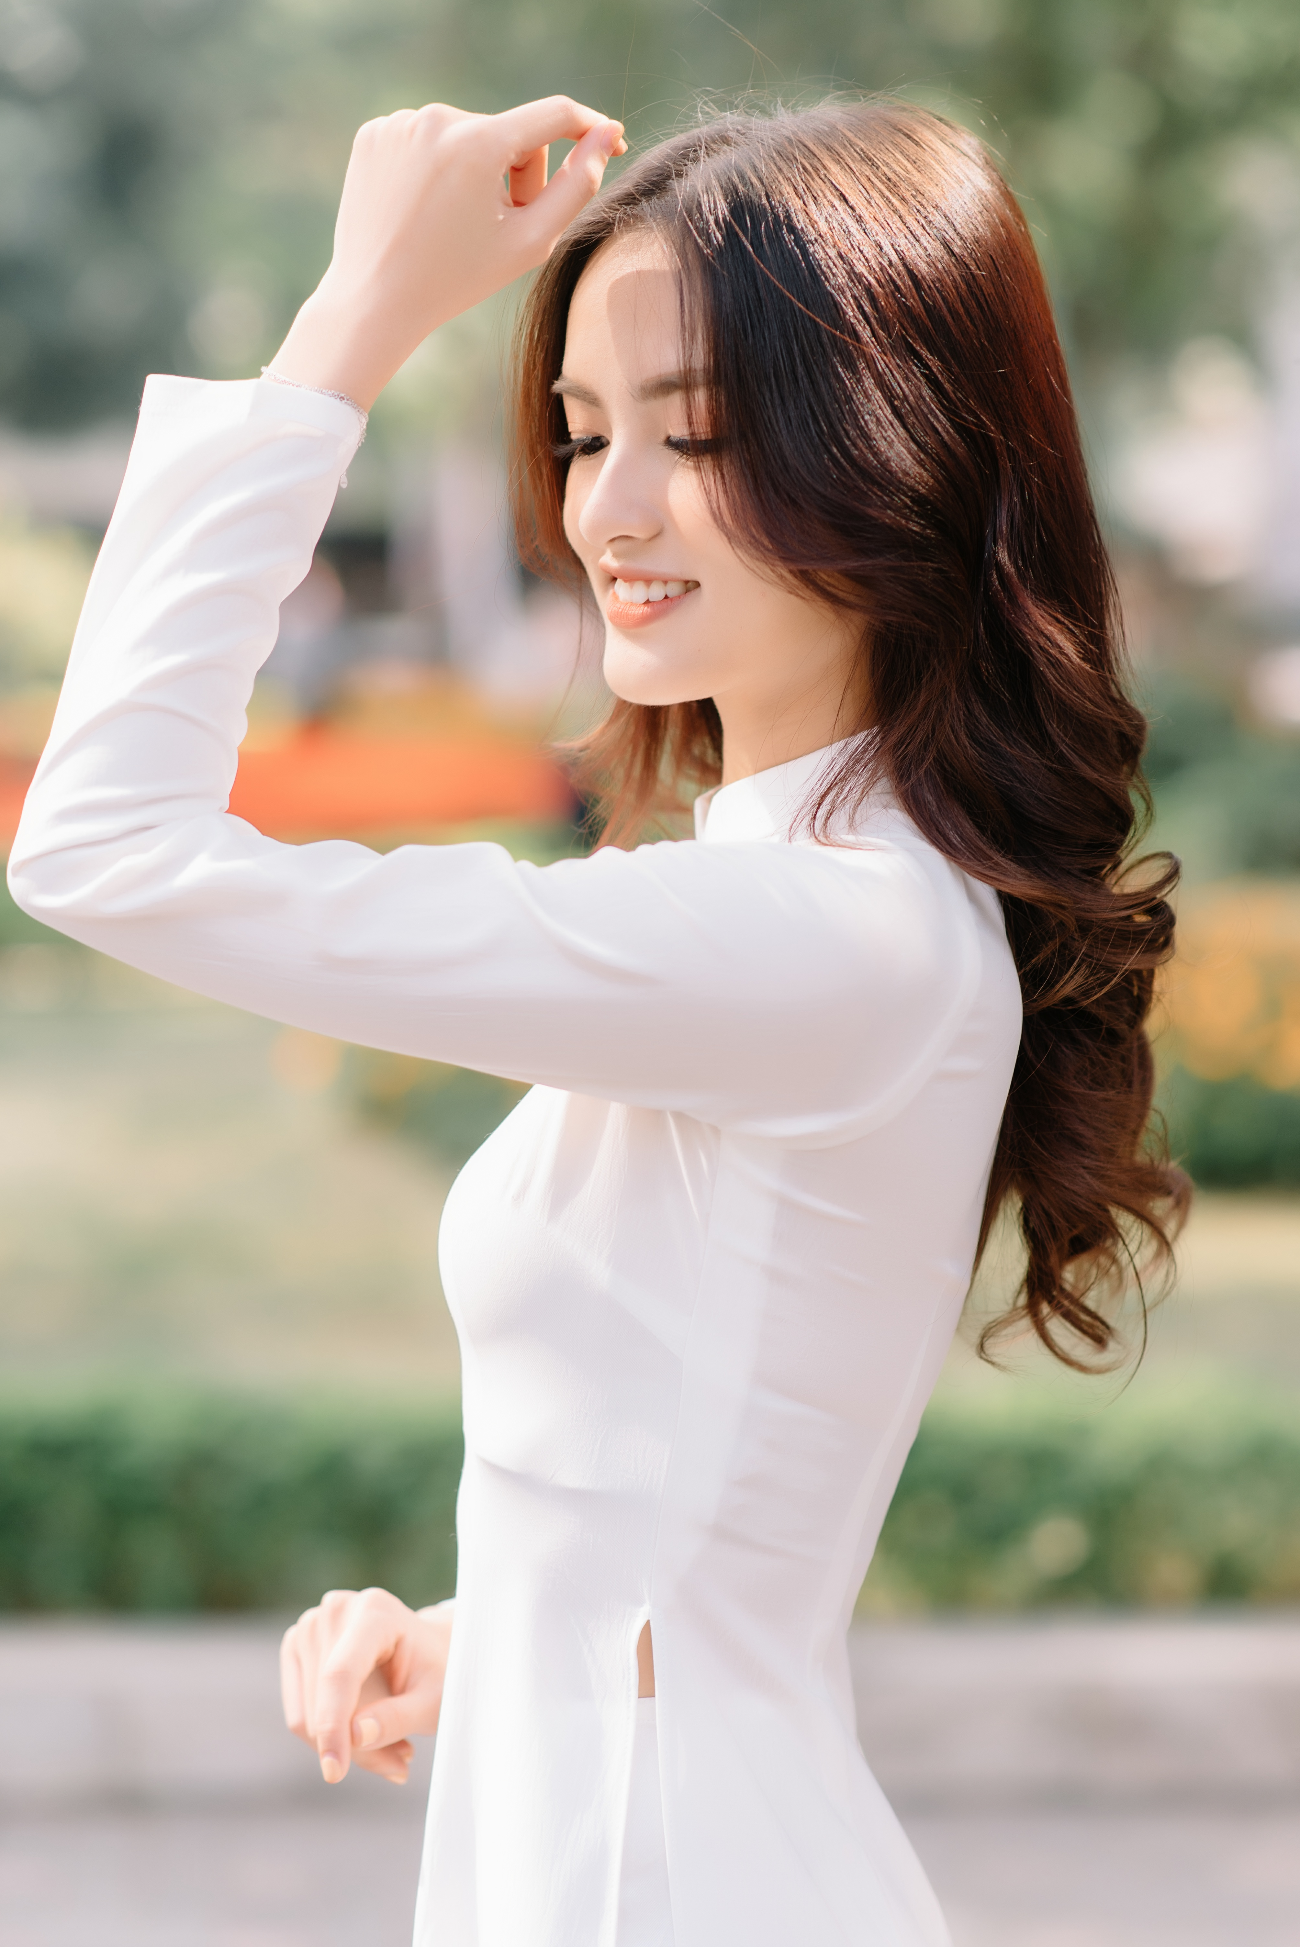 Hoa khôi Đại học Ngoại thương từng thi Hoa hậu Việt Nam 2020 giờ ra sao? ảnh 4